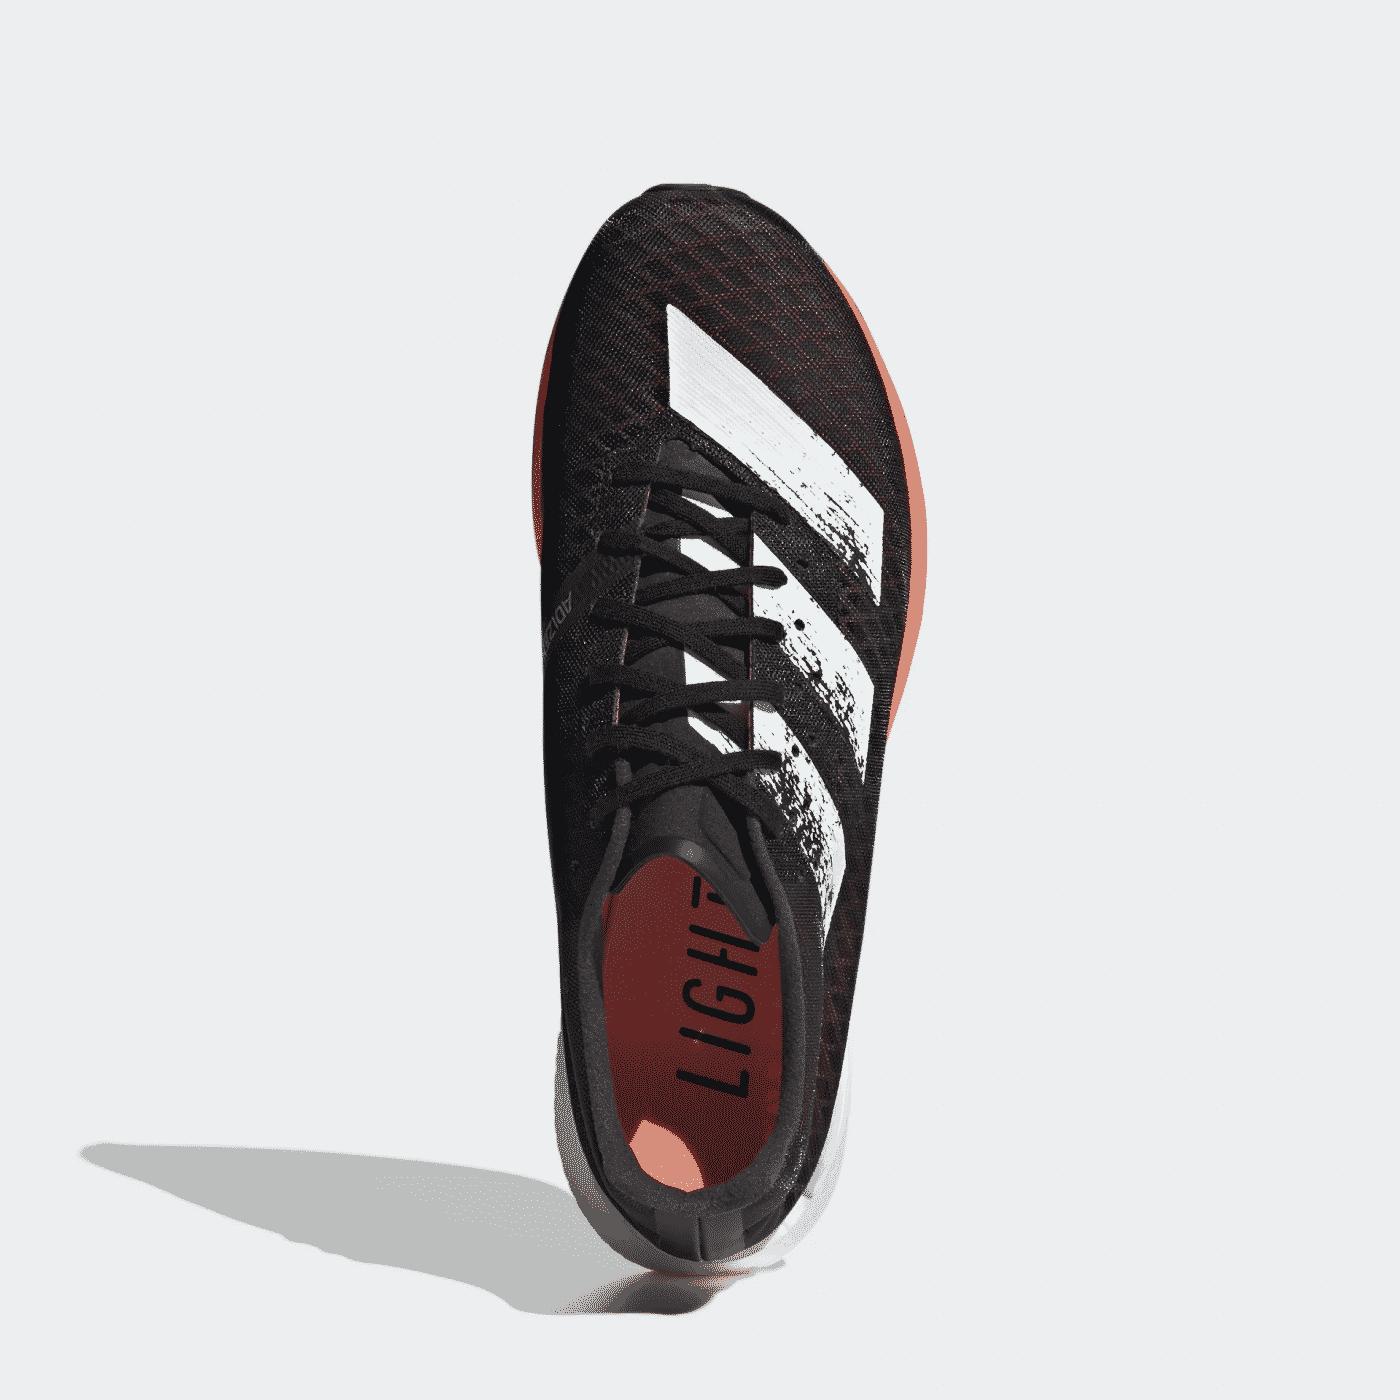 adizero_pro_adidas_noir_2